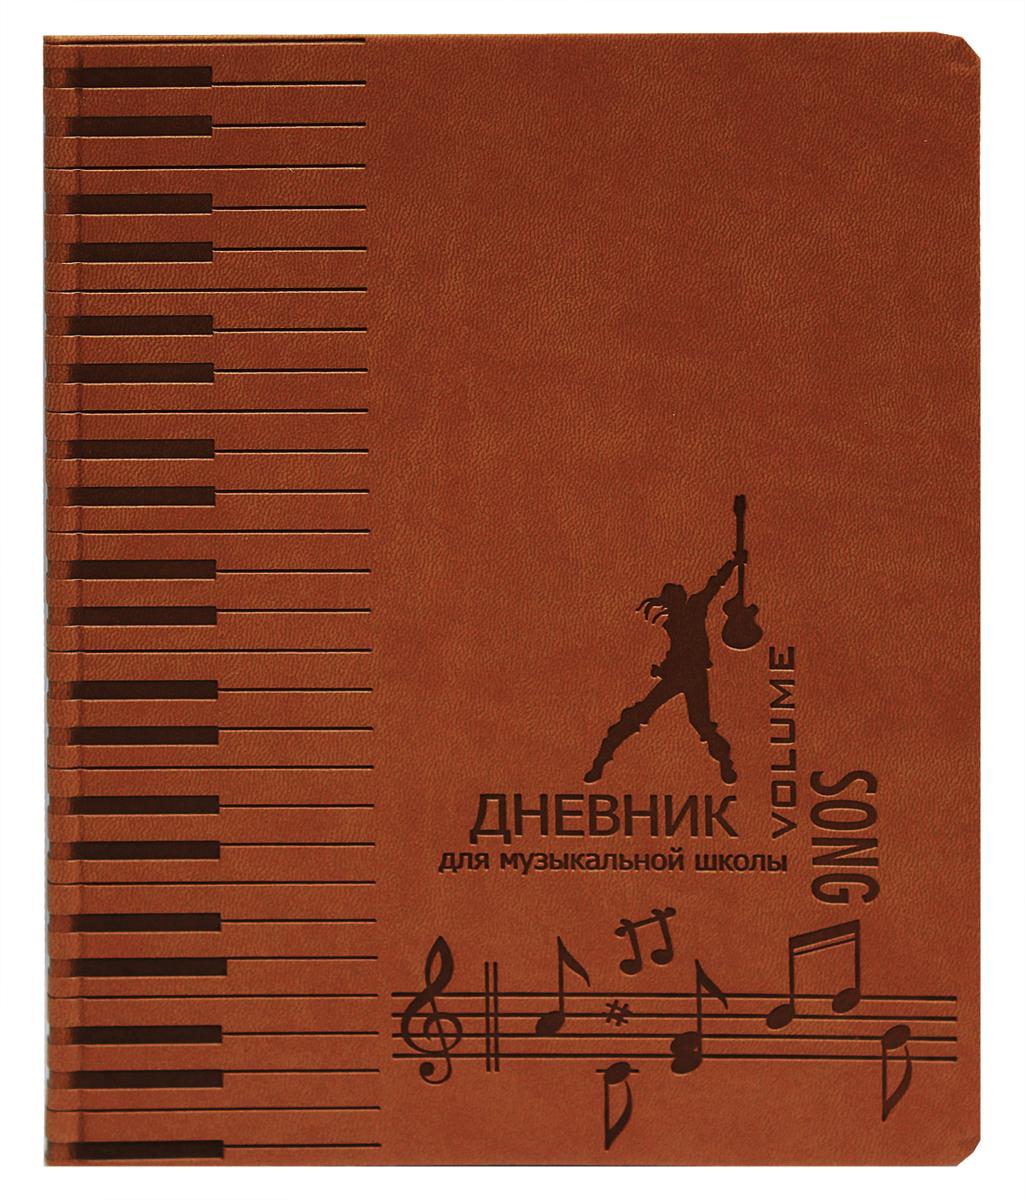 Prof Press Дневник для музыкальной школы Ноты и клавиши цвет светло-коричневый